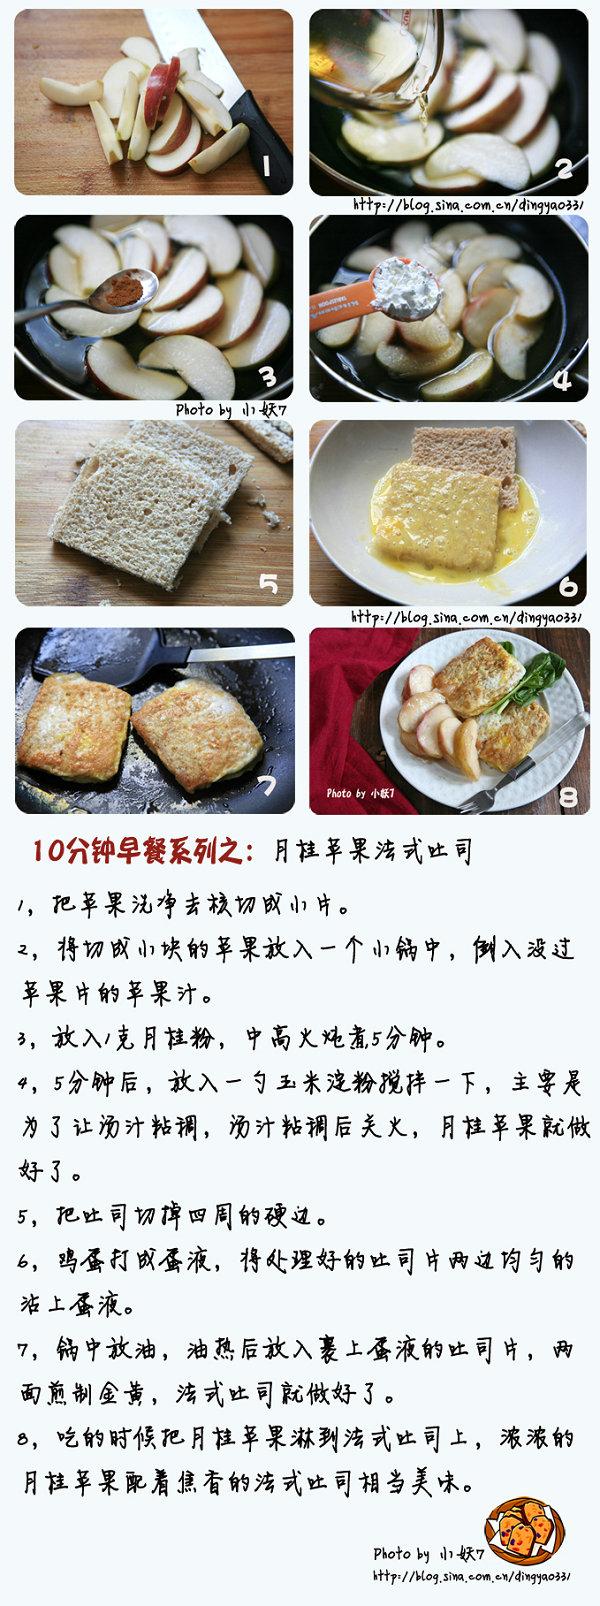 10分钟早餐系列【11】能够预防感冒的月桂苹果法式吐司[小妖7]